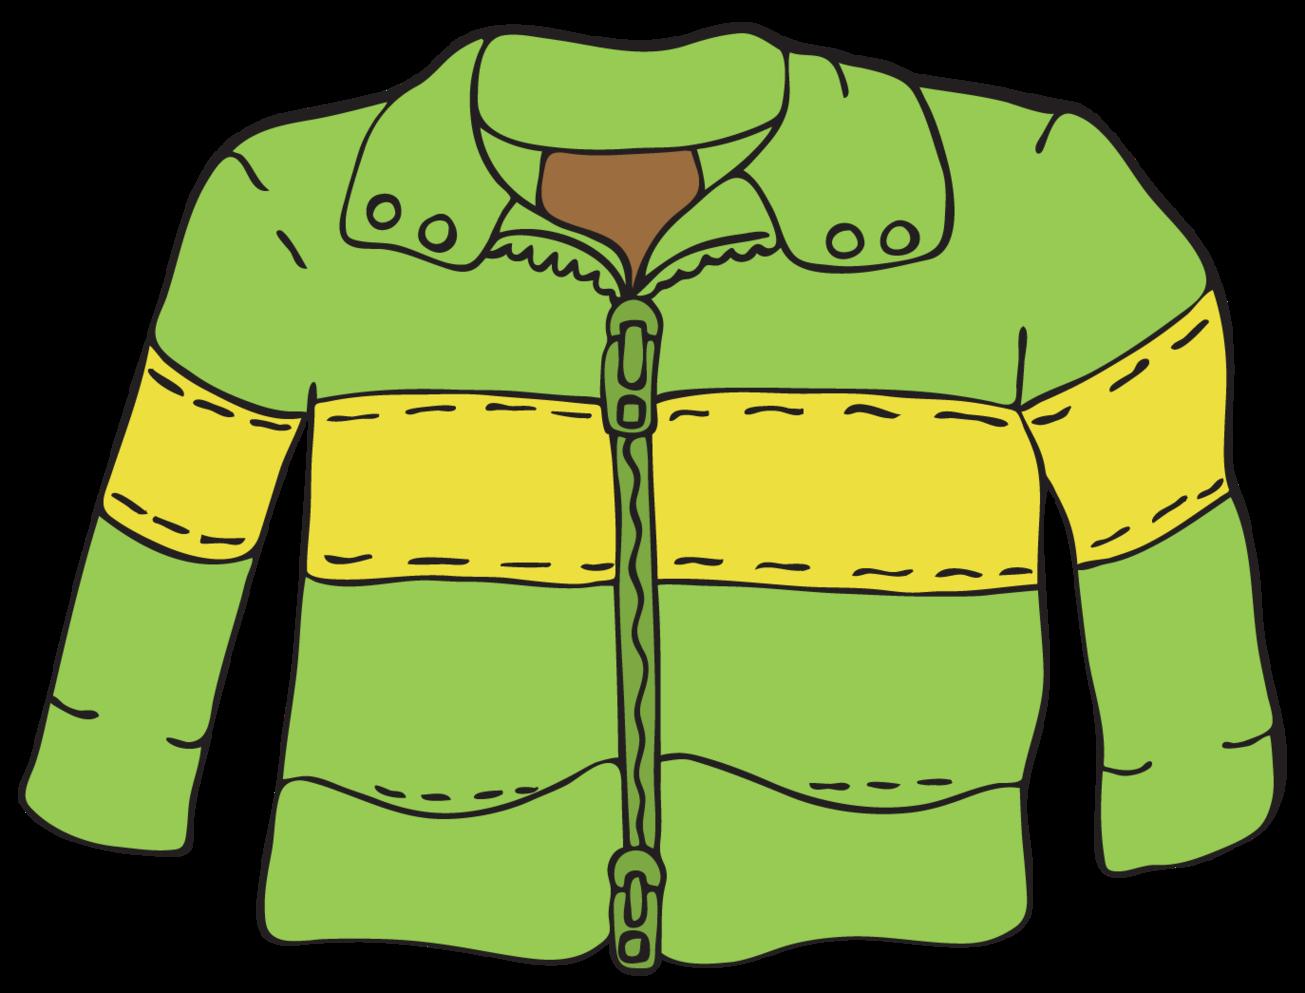 banner transparent download Raincoat free on dumielauxepices. Coat clipart children's.